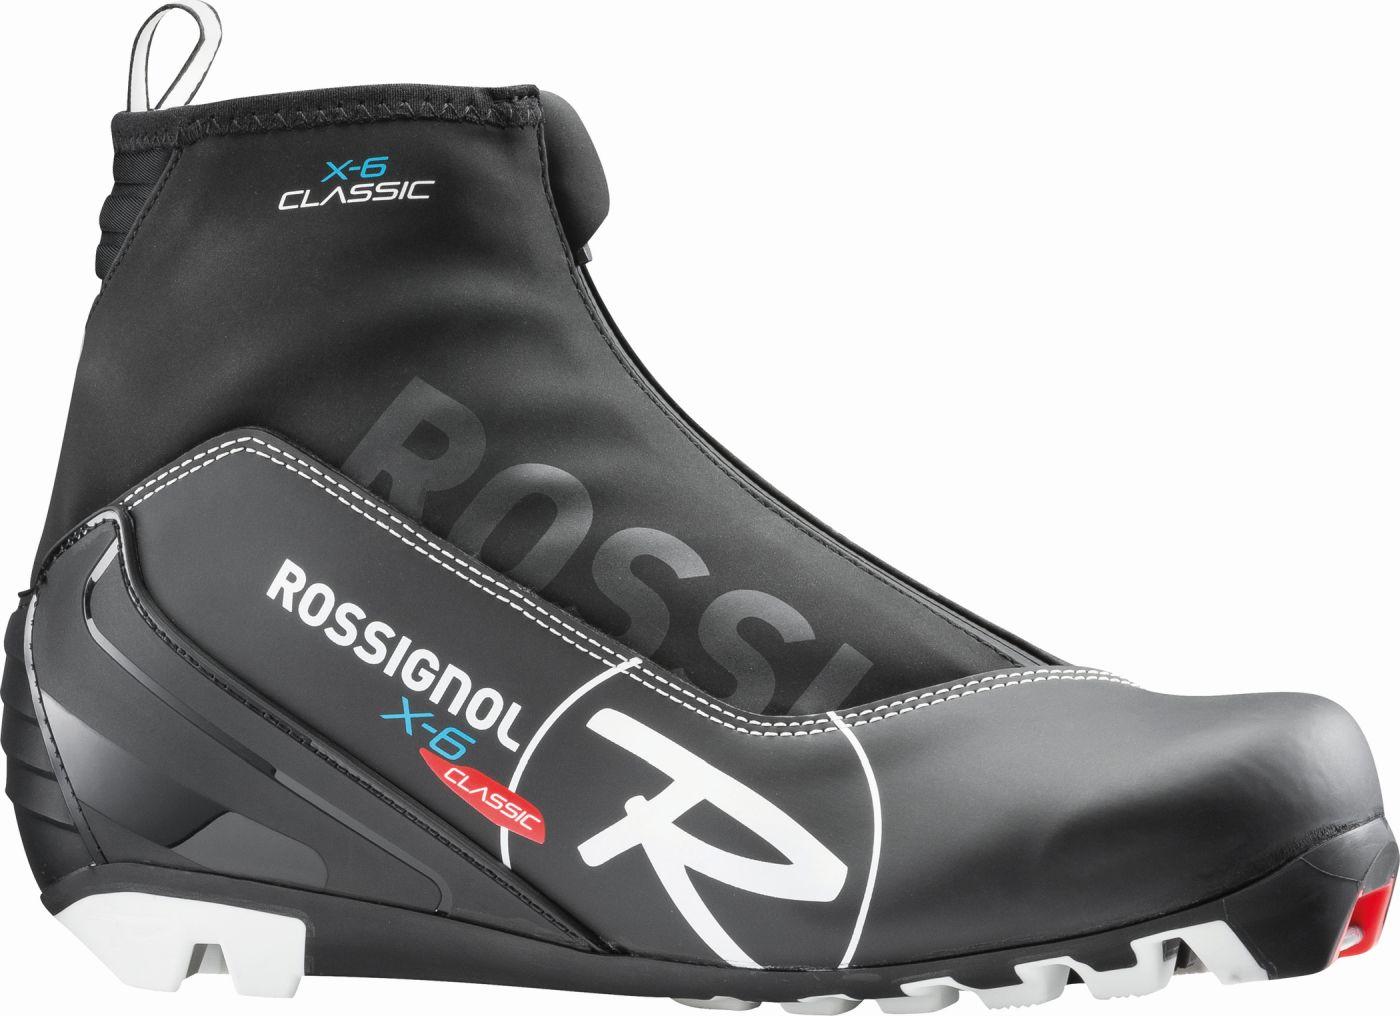 2de8e3766b413 Rossignol eshop - Bežecká obuv: X-6 Classic